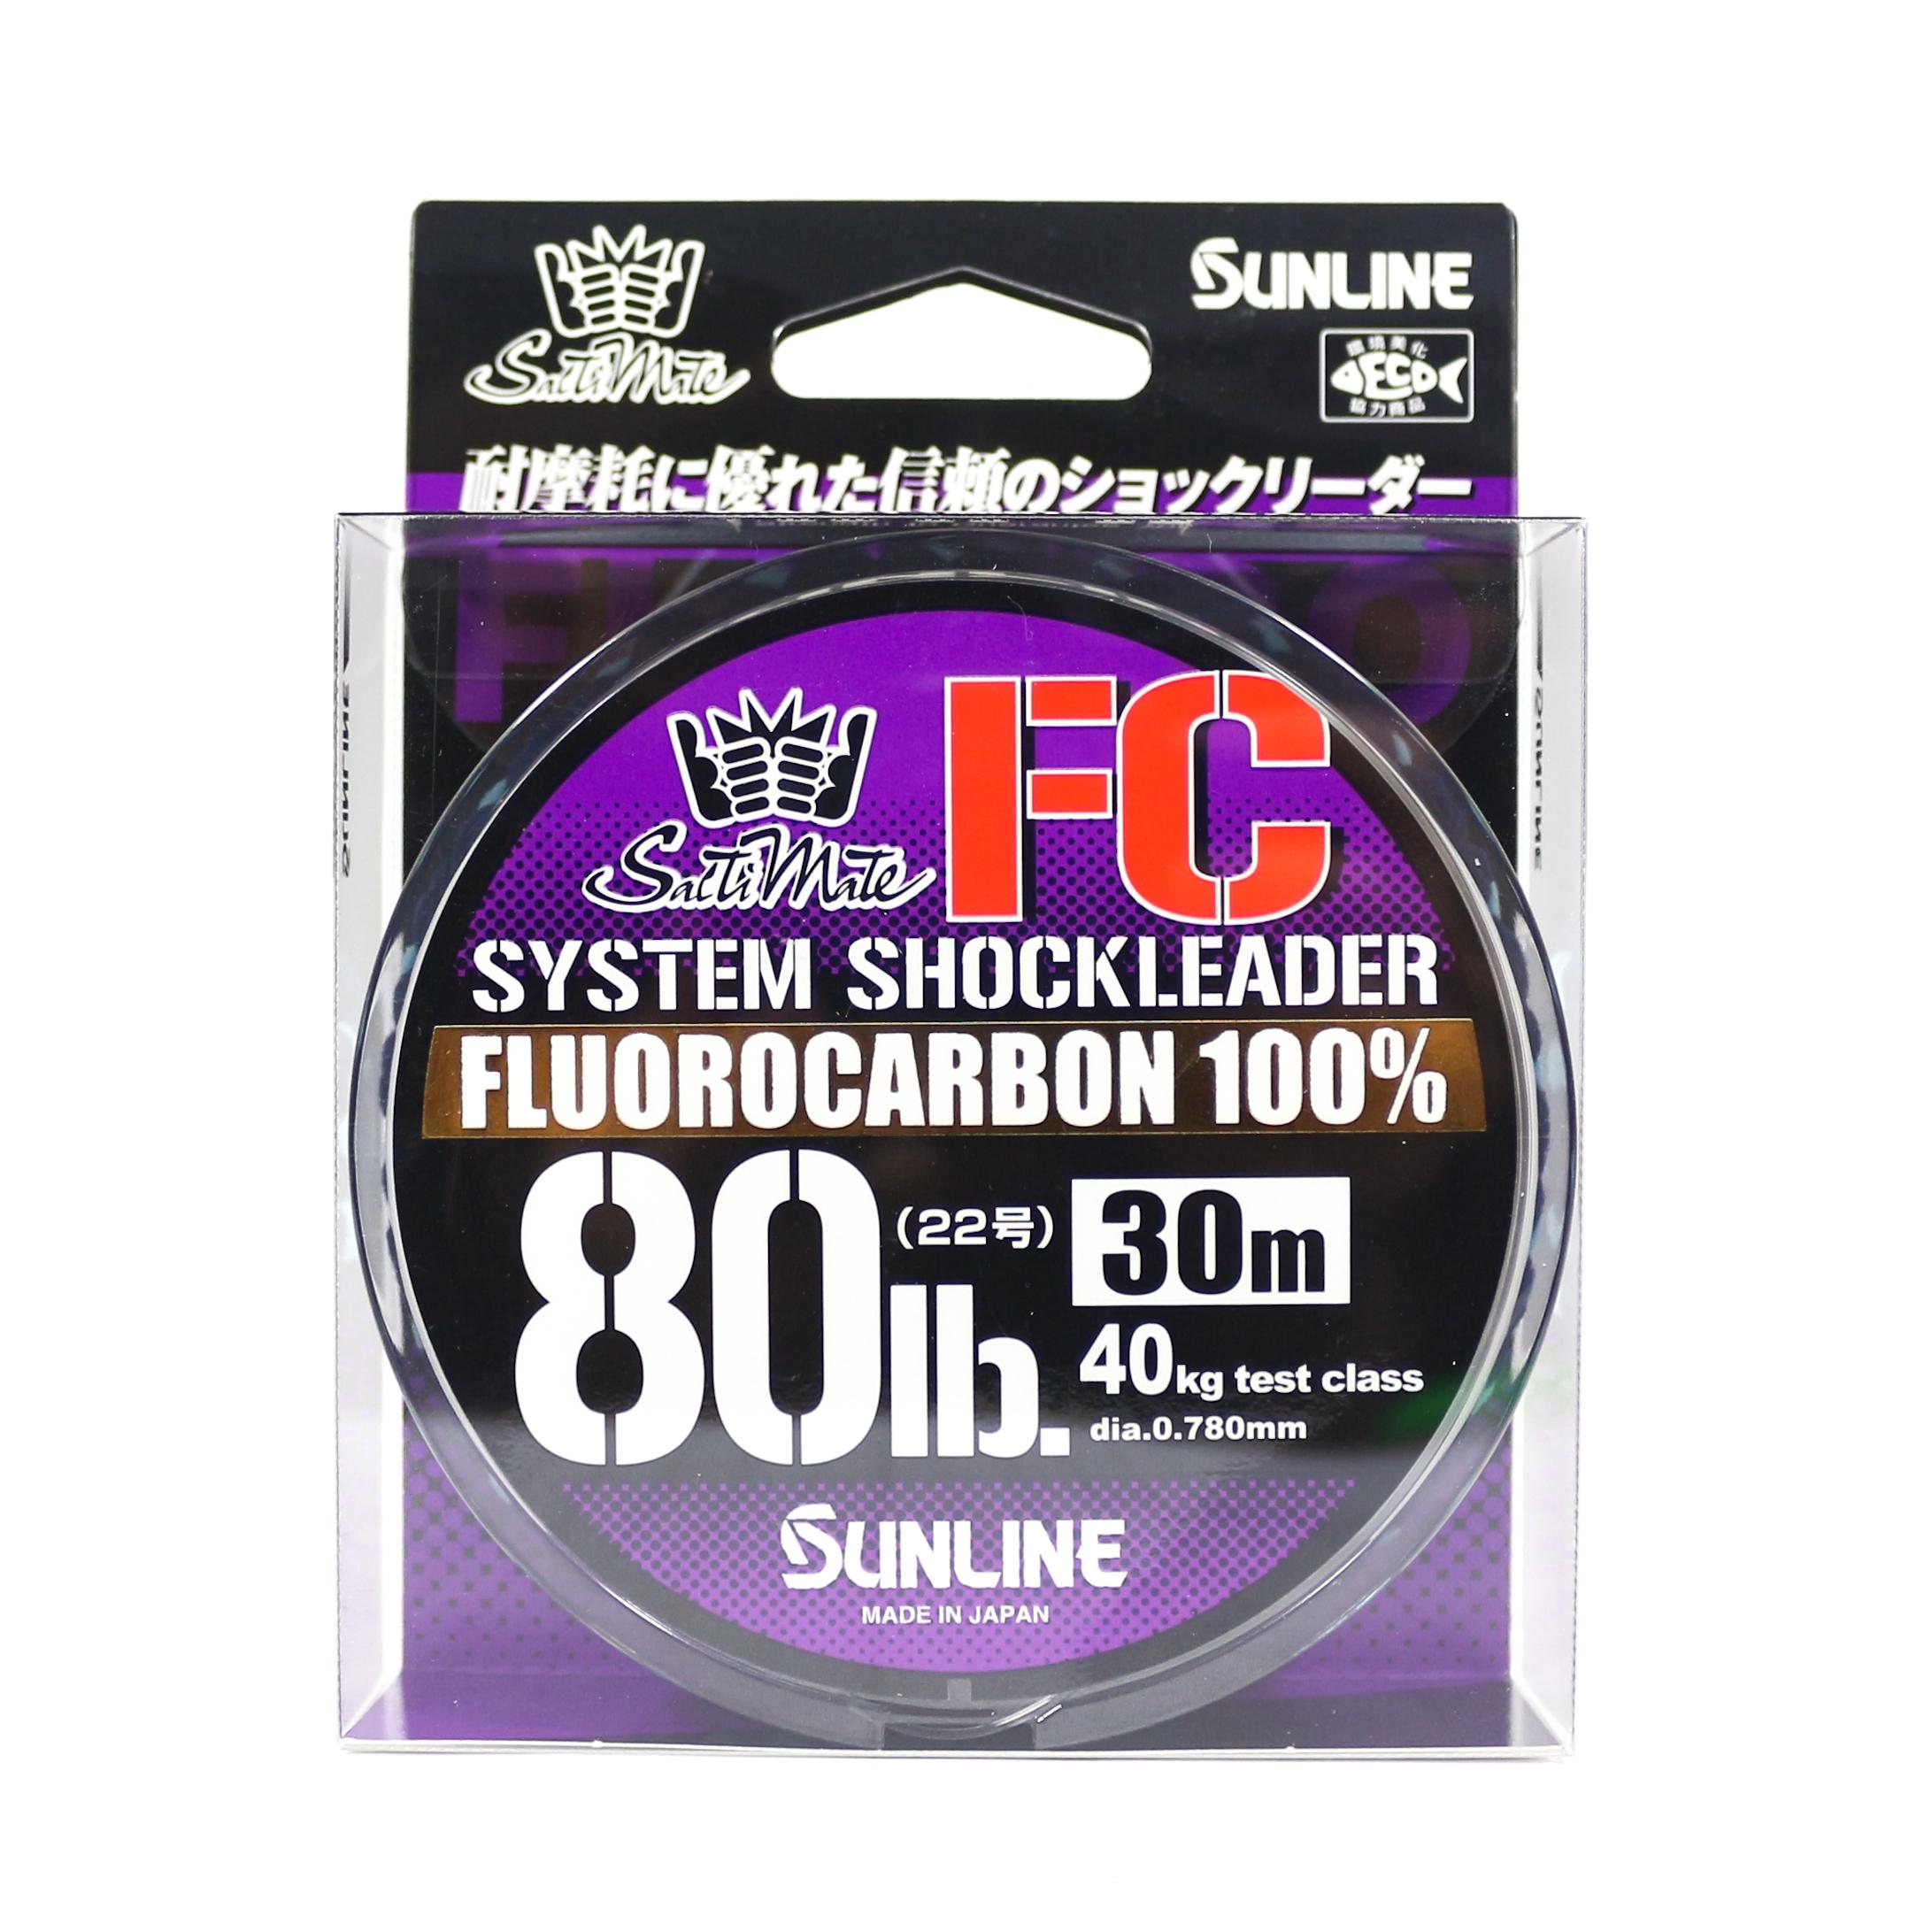 Sunline Saltwater System Shock Leader Fluorocarbon FC 30m 80lb (9246)